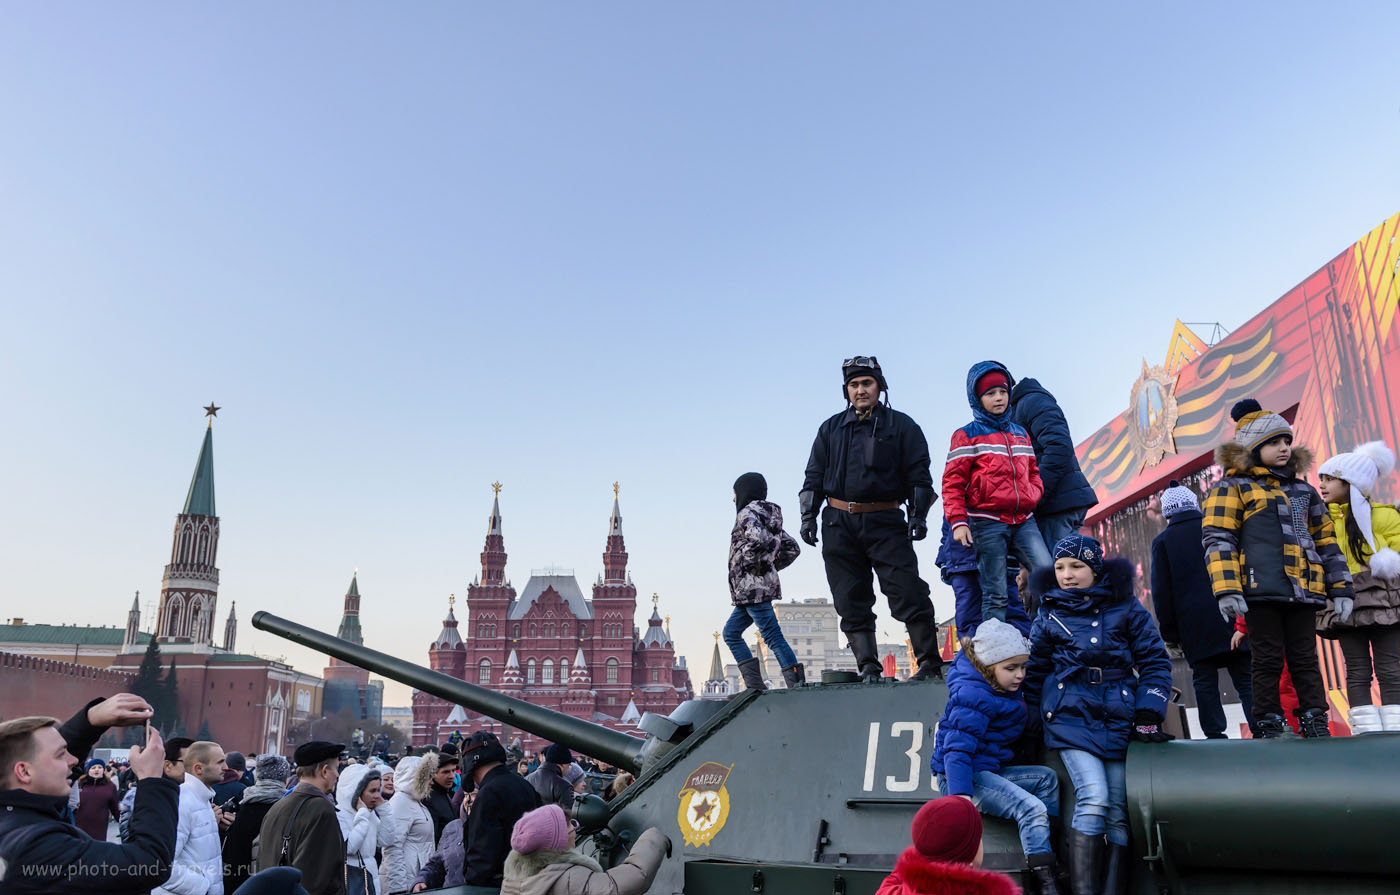 29. На Красной площади вечером 7 ноября 2015 года. Планируем прогулку по Москве. 1/1000, 0.33, 4.5, 640, 28.